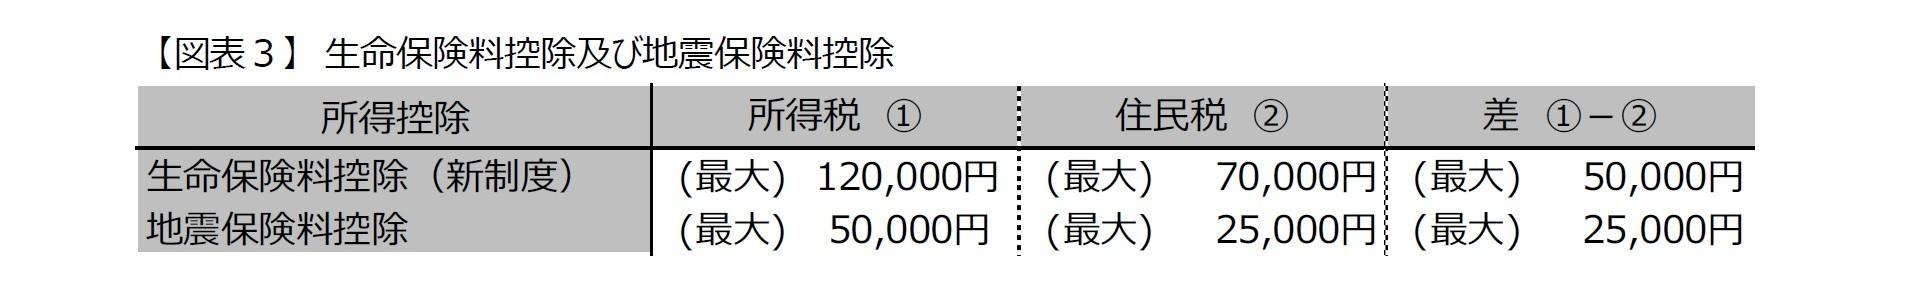 【図表3】 生命保険料控除及び地震保険料控除